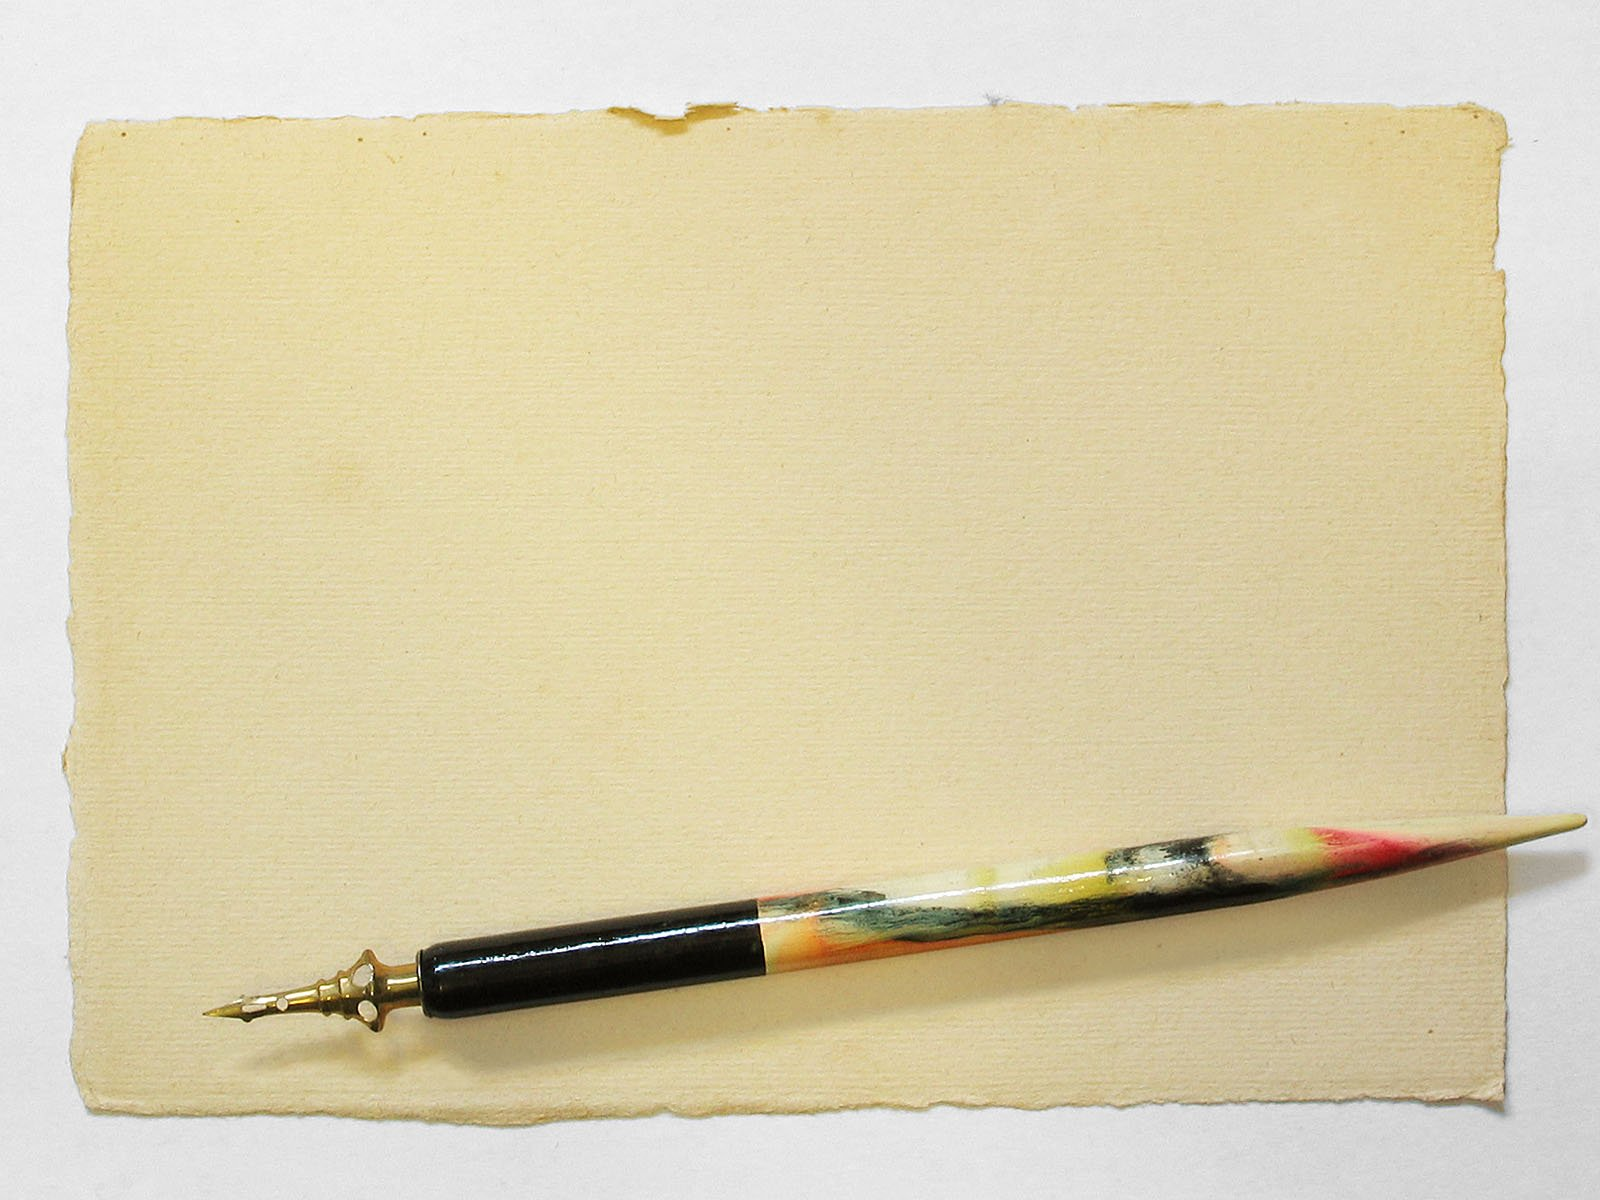 Надписью, картинки чистый лист перо